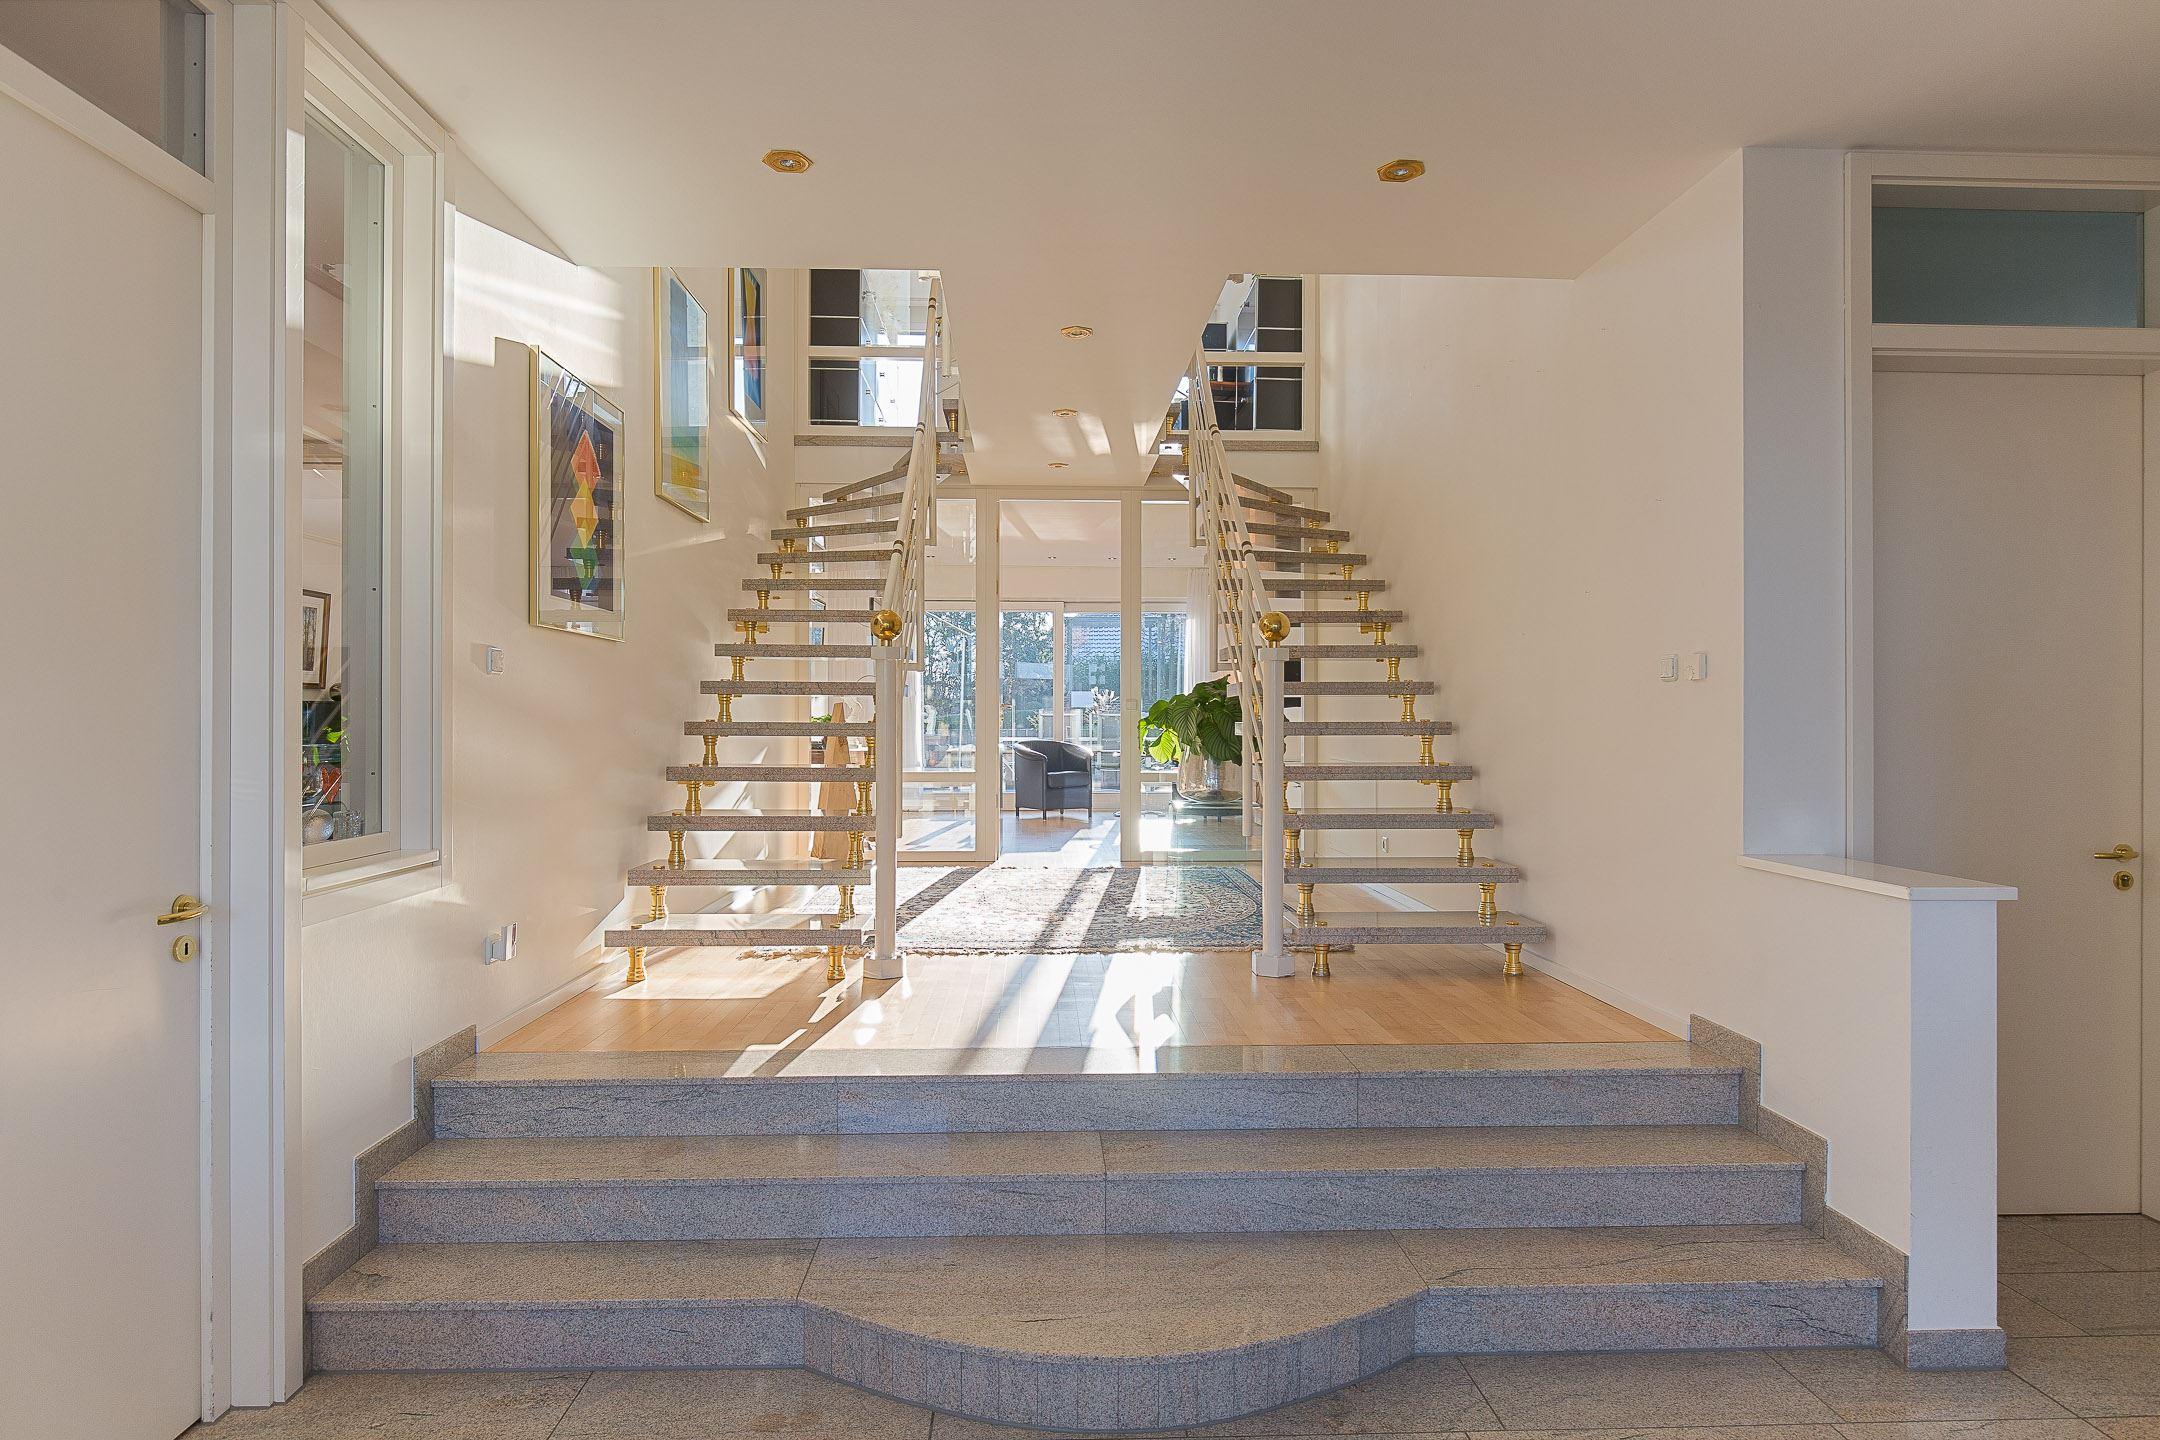 Huis te koop: finkenweg 18 bad bentheim duitsland 7576 wv